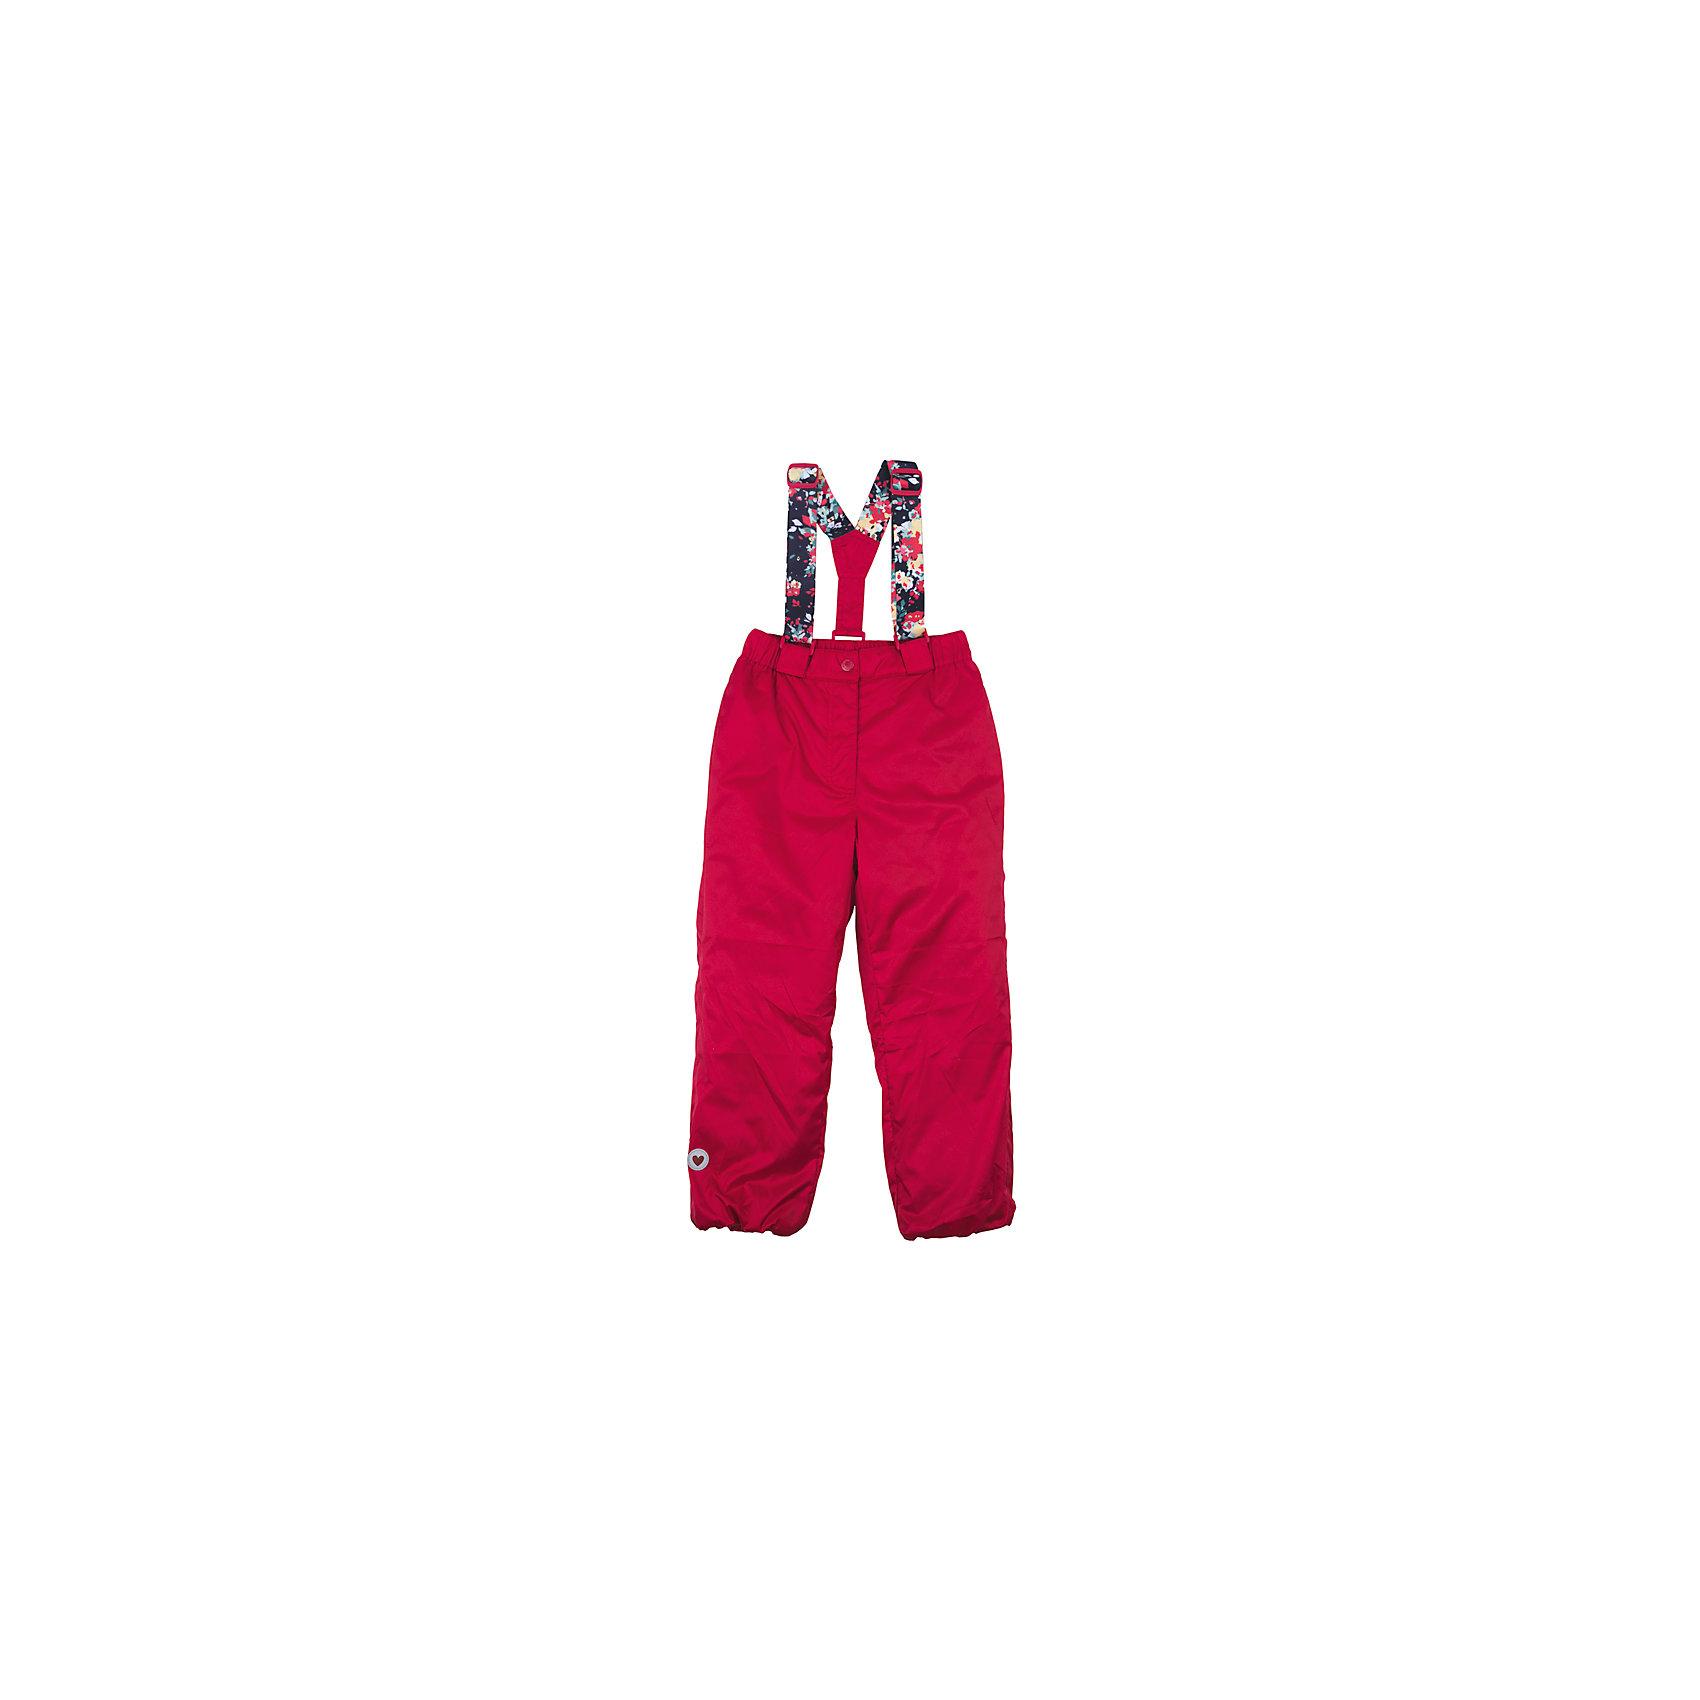 Брюки для девочки PlayTodayВерхняя одежда<br>Брюки для девочки PlayToday<br>Практичные и удобные брюки на эластичных бретелях с удобной застежкой - молнией и пуговицей. Бретели регулируются по длине. Водоотталкивающая пропитка позволит гулять Вашему ребенка даже в сильный дождь. Для сохранения тепла, низ брюк снабжен мягкой резинкой. За счет светоотражателя по низу изделия, ребенок будет виден в темное время суток.  <br><br>Преимущества: <br><br>Регулируемые по длине бретели<br>Водооталкивающая пропитка<br>Светоотражатель по низу изделия<br><br>Состав:<br>Верх: 100% полиэстер, Подкладка: 100% полиэстер, Наполнитель: 100% полиэстер, 50 г/м2<br><br>Ширина мм: 215<br>Глубина мм: 88<br>Высота мм: 191<br>Вес г: 336<br>Цвет: красный<br>Возраст от месяцев: 84<br>Возраст до месяцев: 96<br>Пол: Женский<br>Возраст: Детский<br>Размер: 128,98,104,110,116,122<br>SKU: 5403606